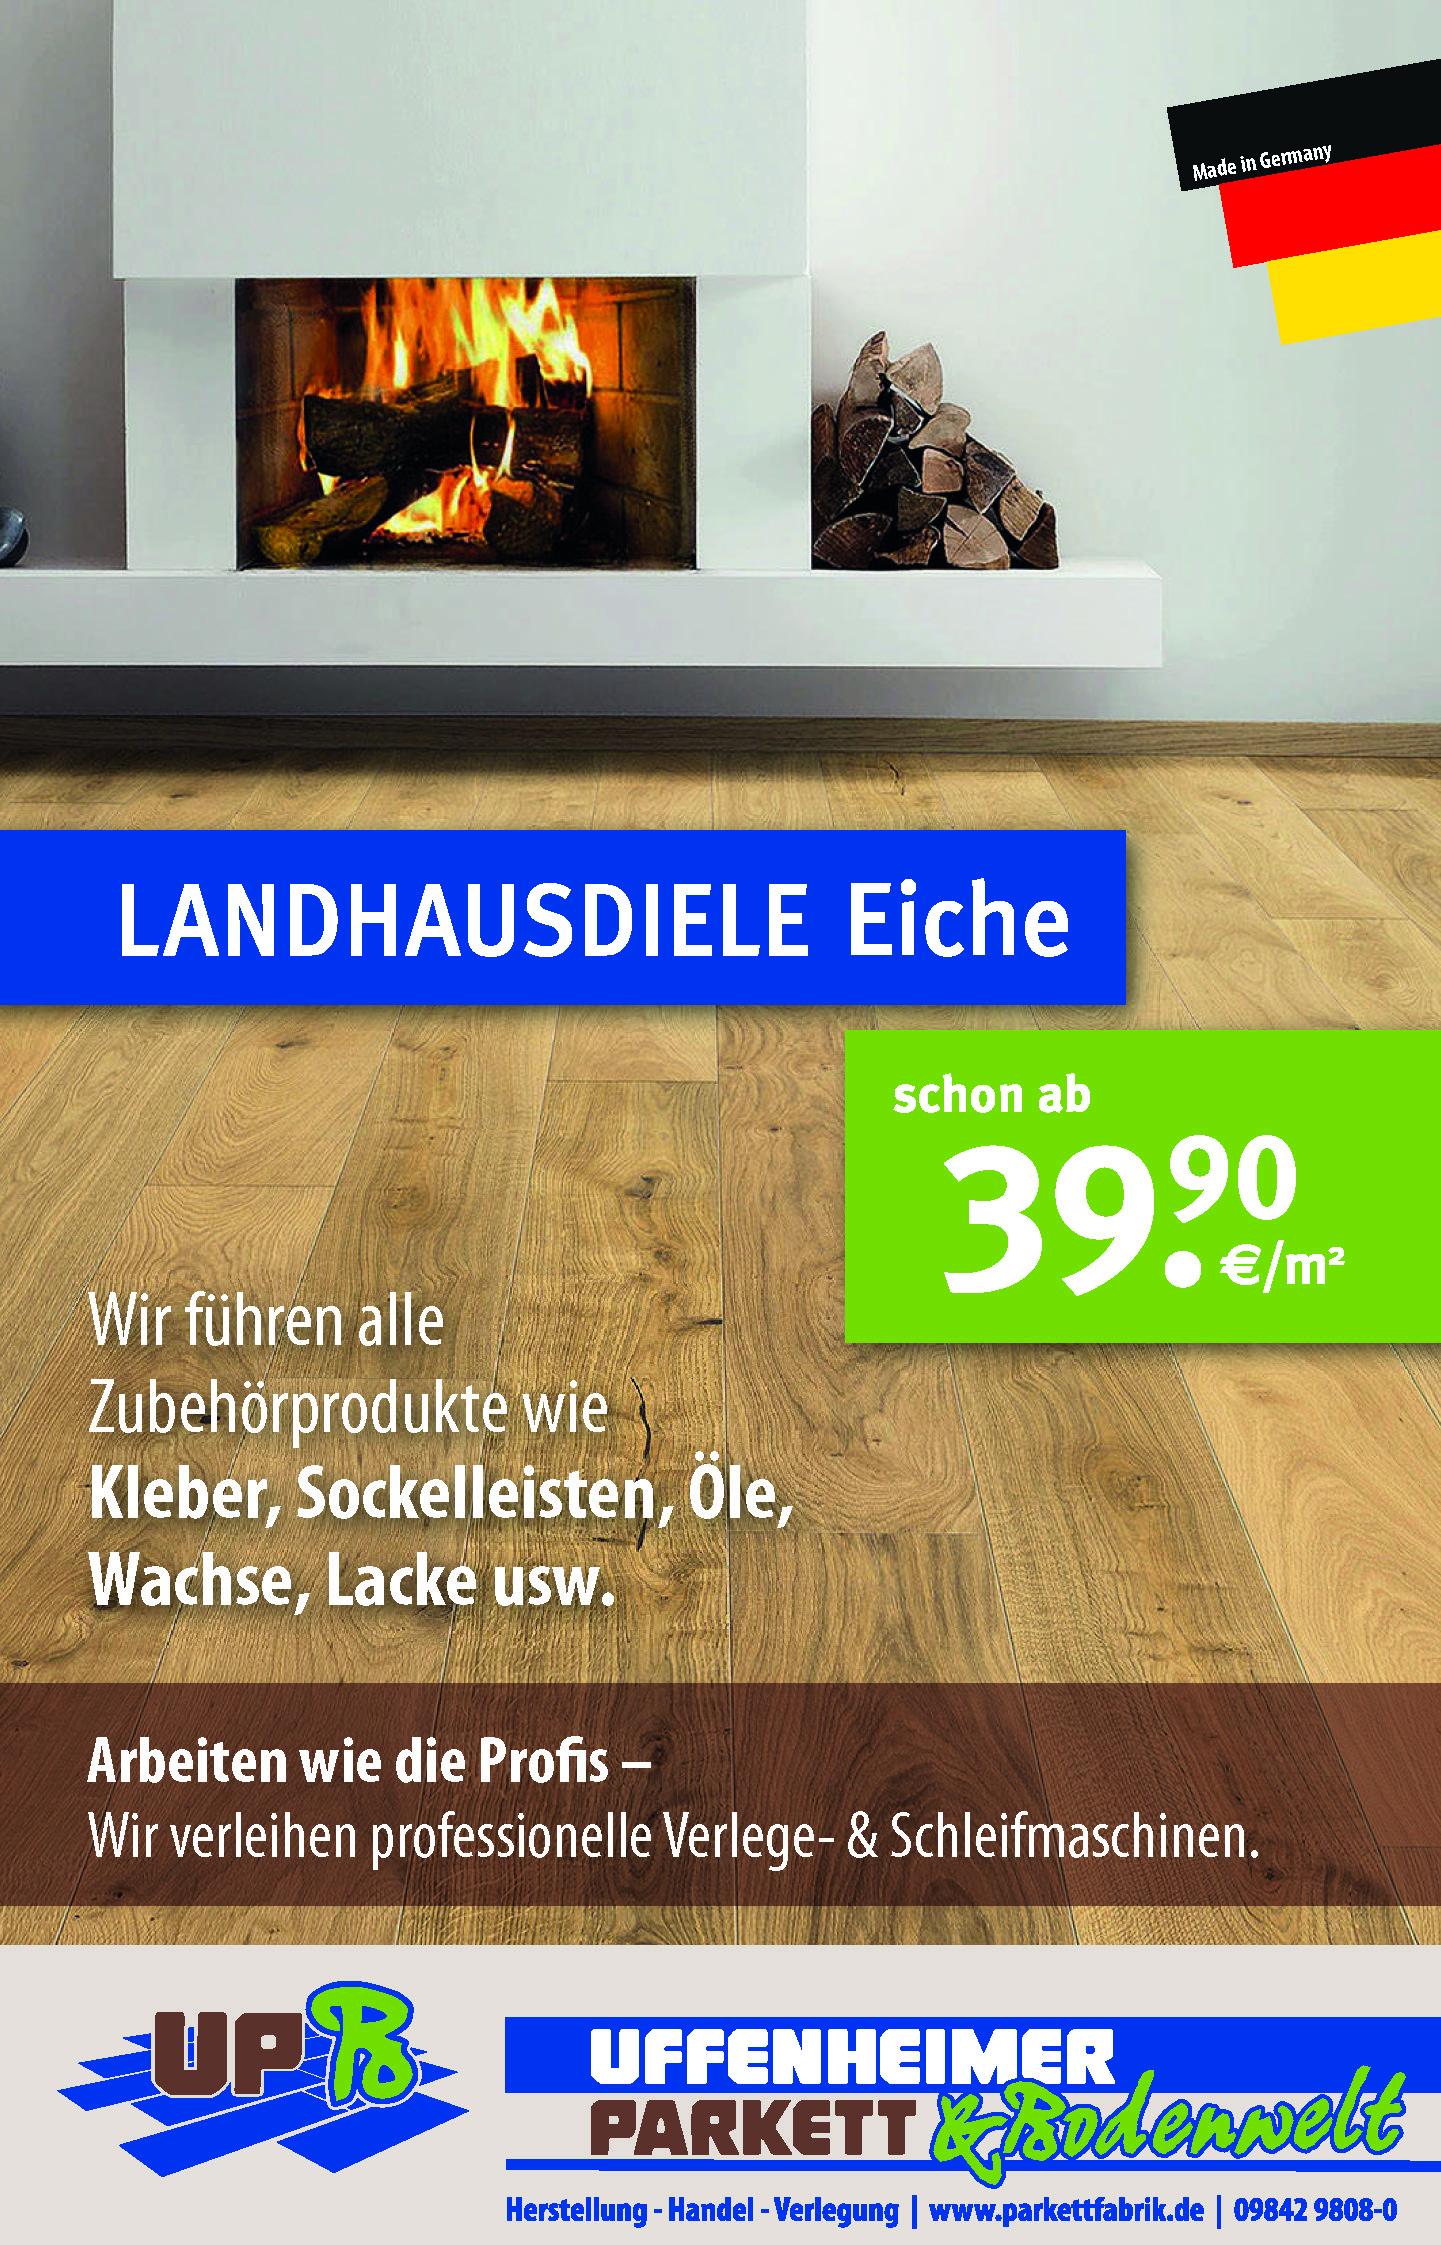 Landhausdiele Eiche zu 39,90 € inkl. MWST pro m²